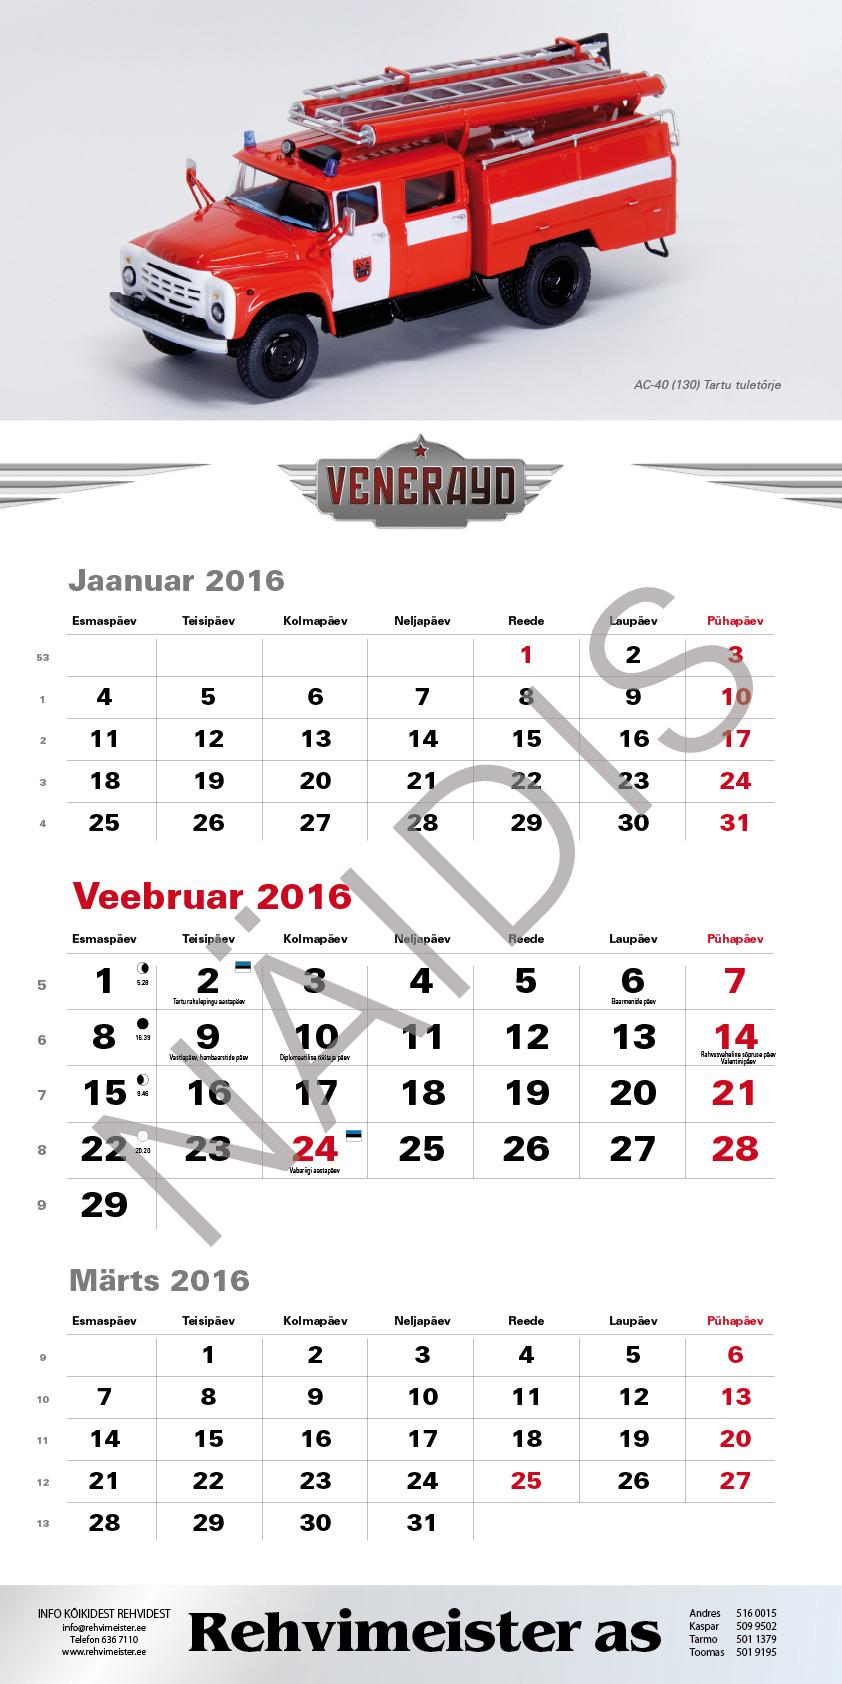 Veneraud_kalender_2016_3